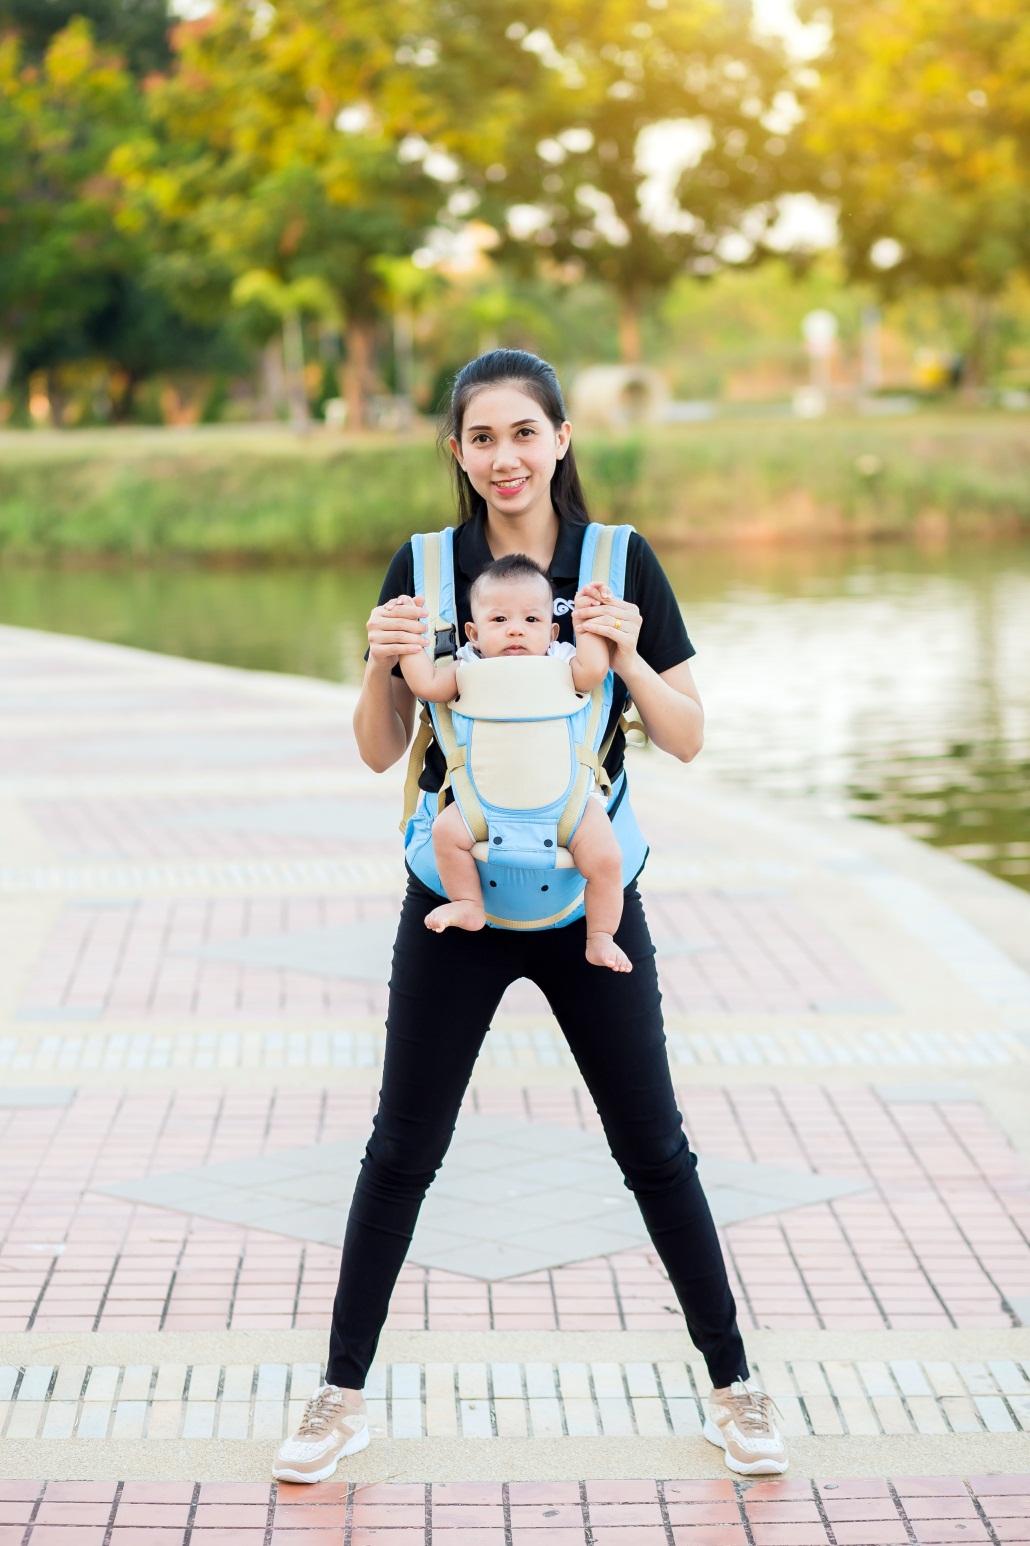 Ragam Gendongan Untuk Bayi. Yang Mana Favorit Ibu?